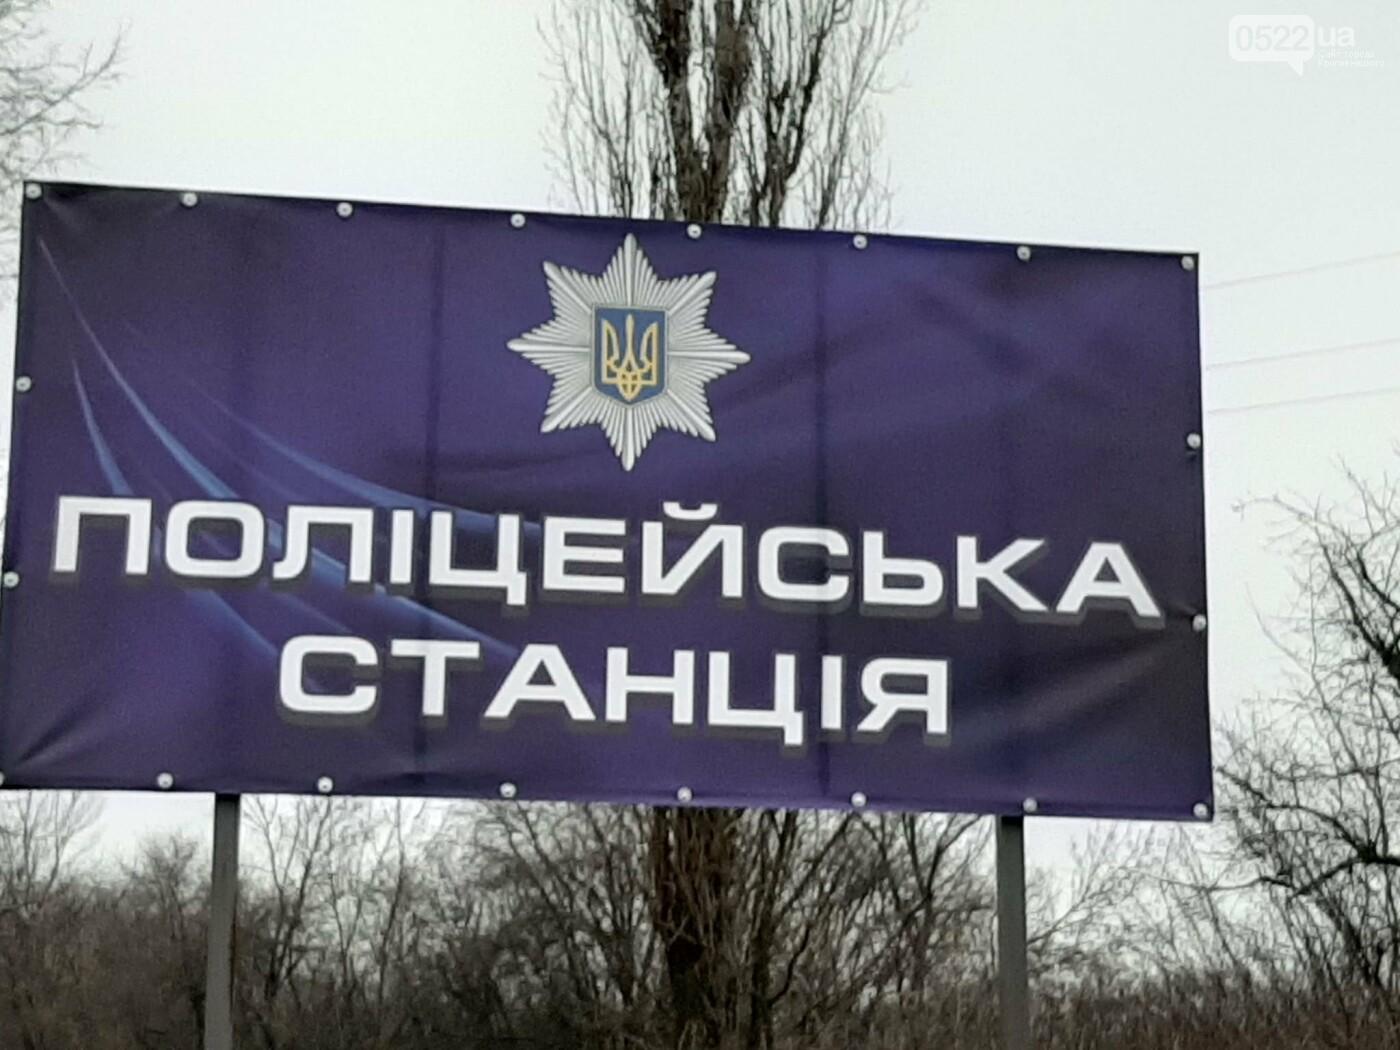 В Дмитрівській громаді відкрили поліцейську станцію, фото-2